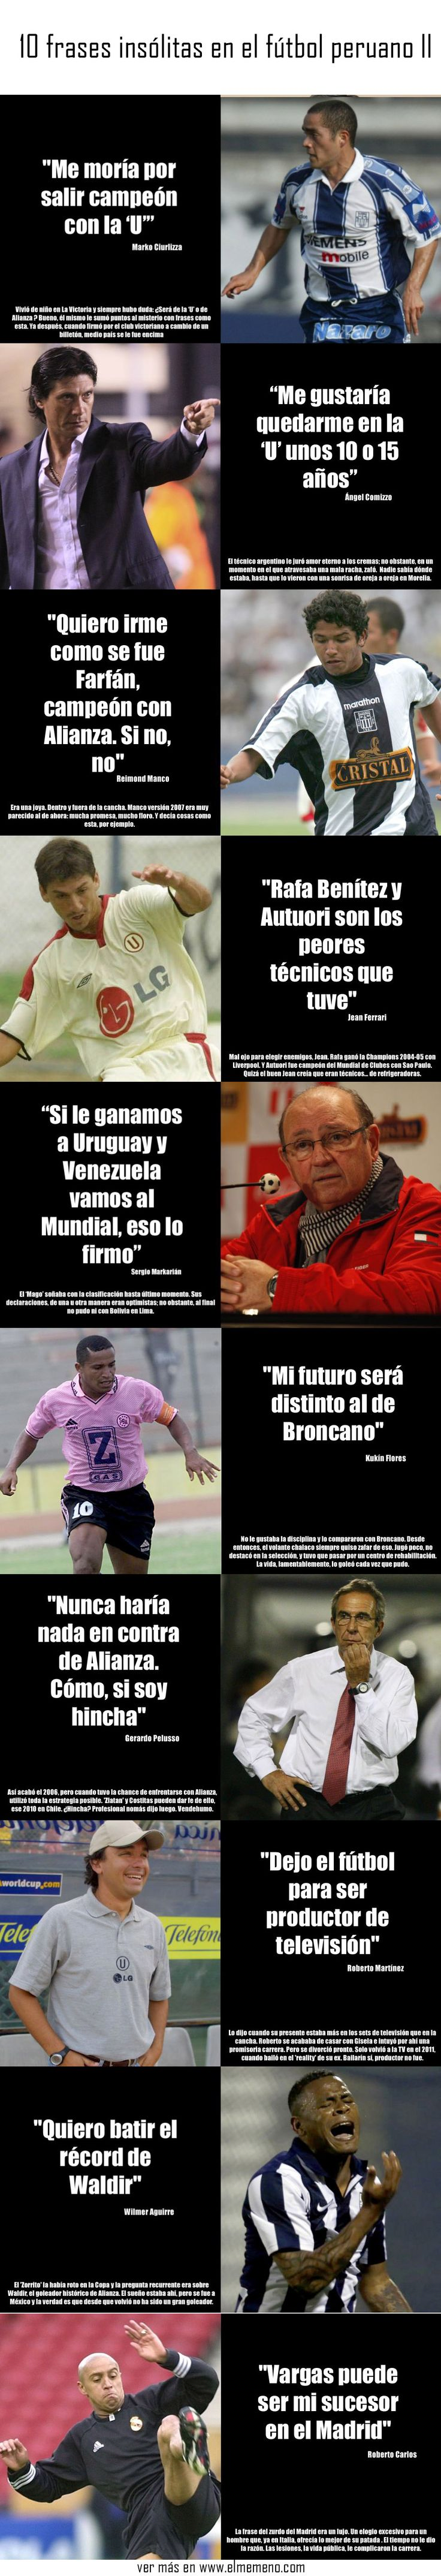 10 frases insólitas en el fútbol peruano parte ll @ www.elmemeno.com